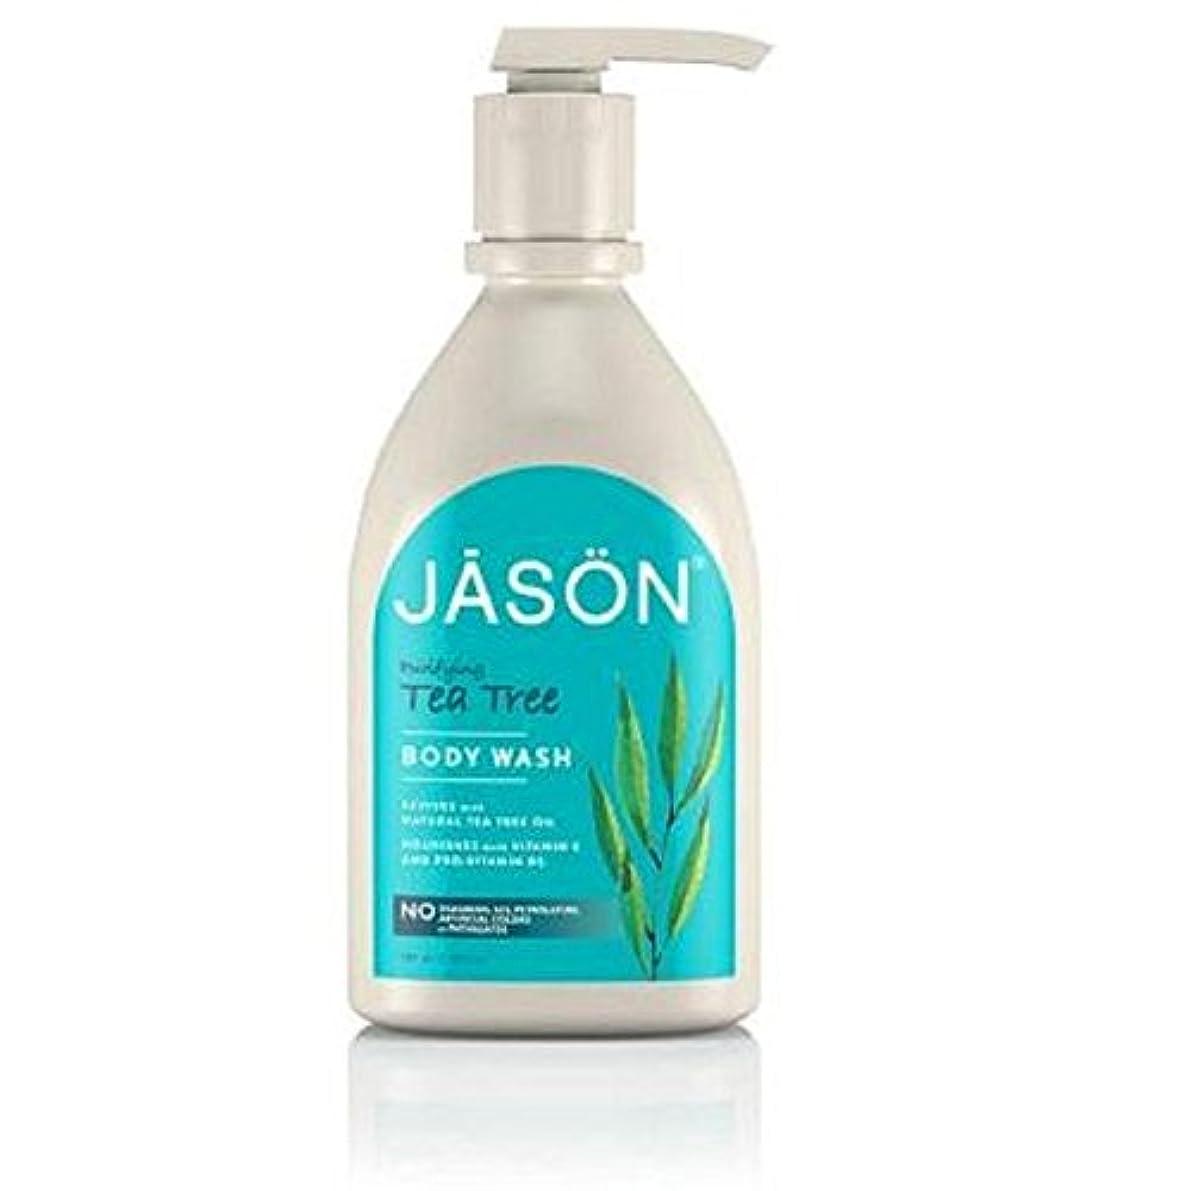 アパルピッチャー暫定ジェイソン?ティーツリーサテンボディウォッシュポンプ900ミリリットル x2 - Jason Tea Tree Satin Body Wash Pump 900ml (Pack of 2) [並行輸入品]